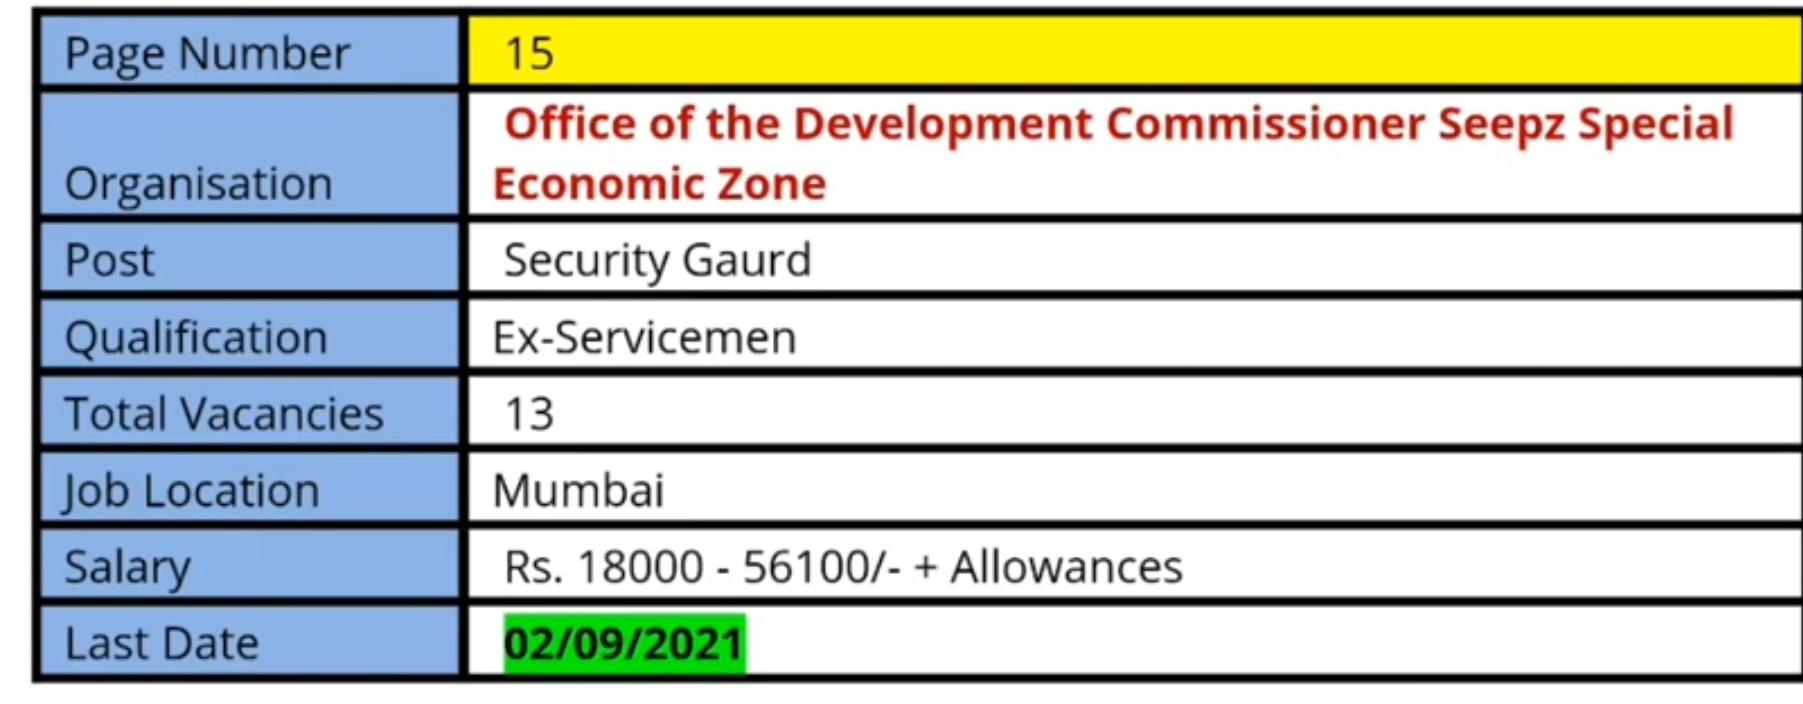 Ex-servicemen vacancy